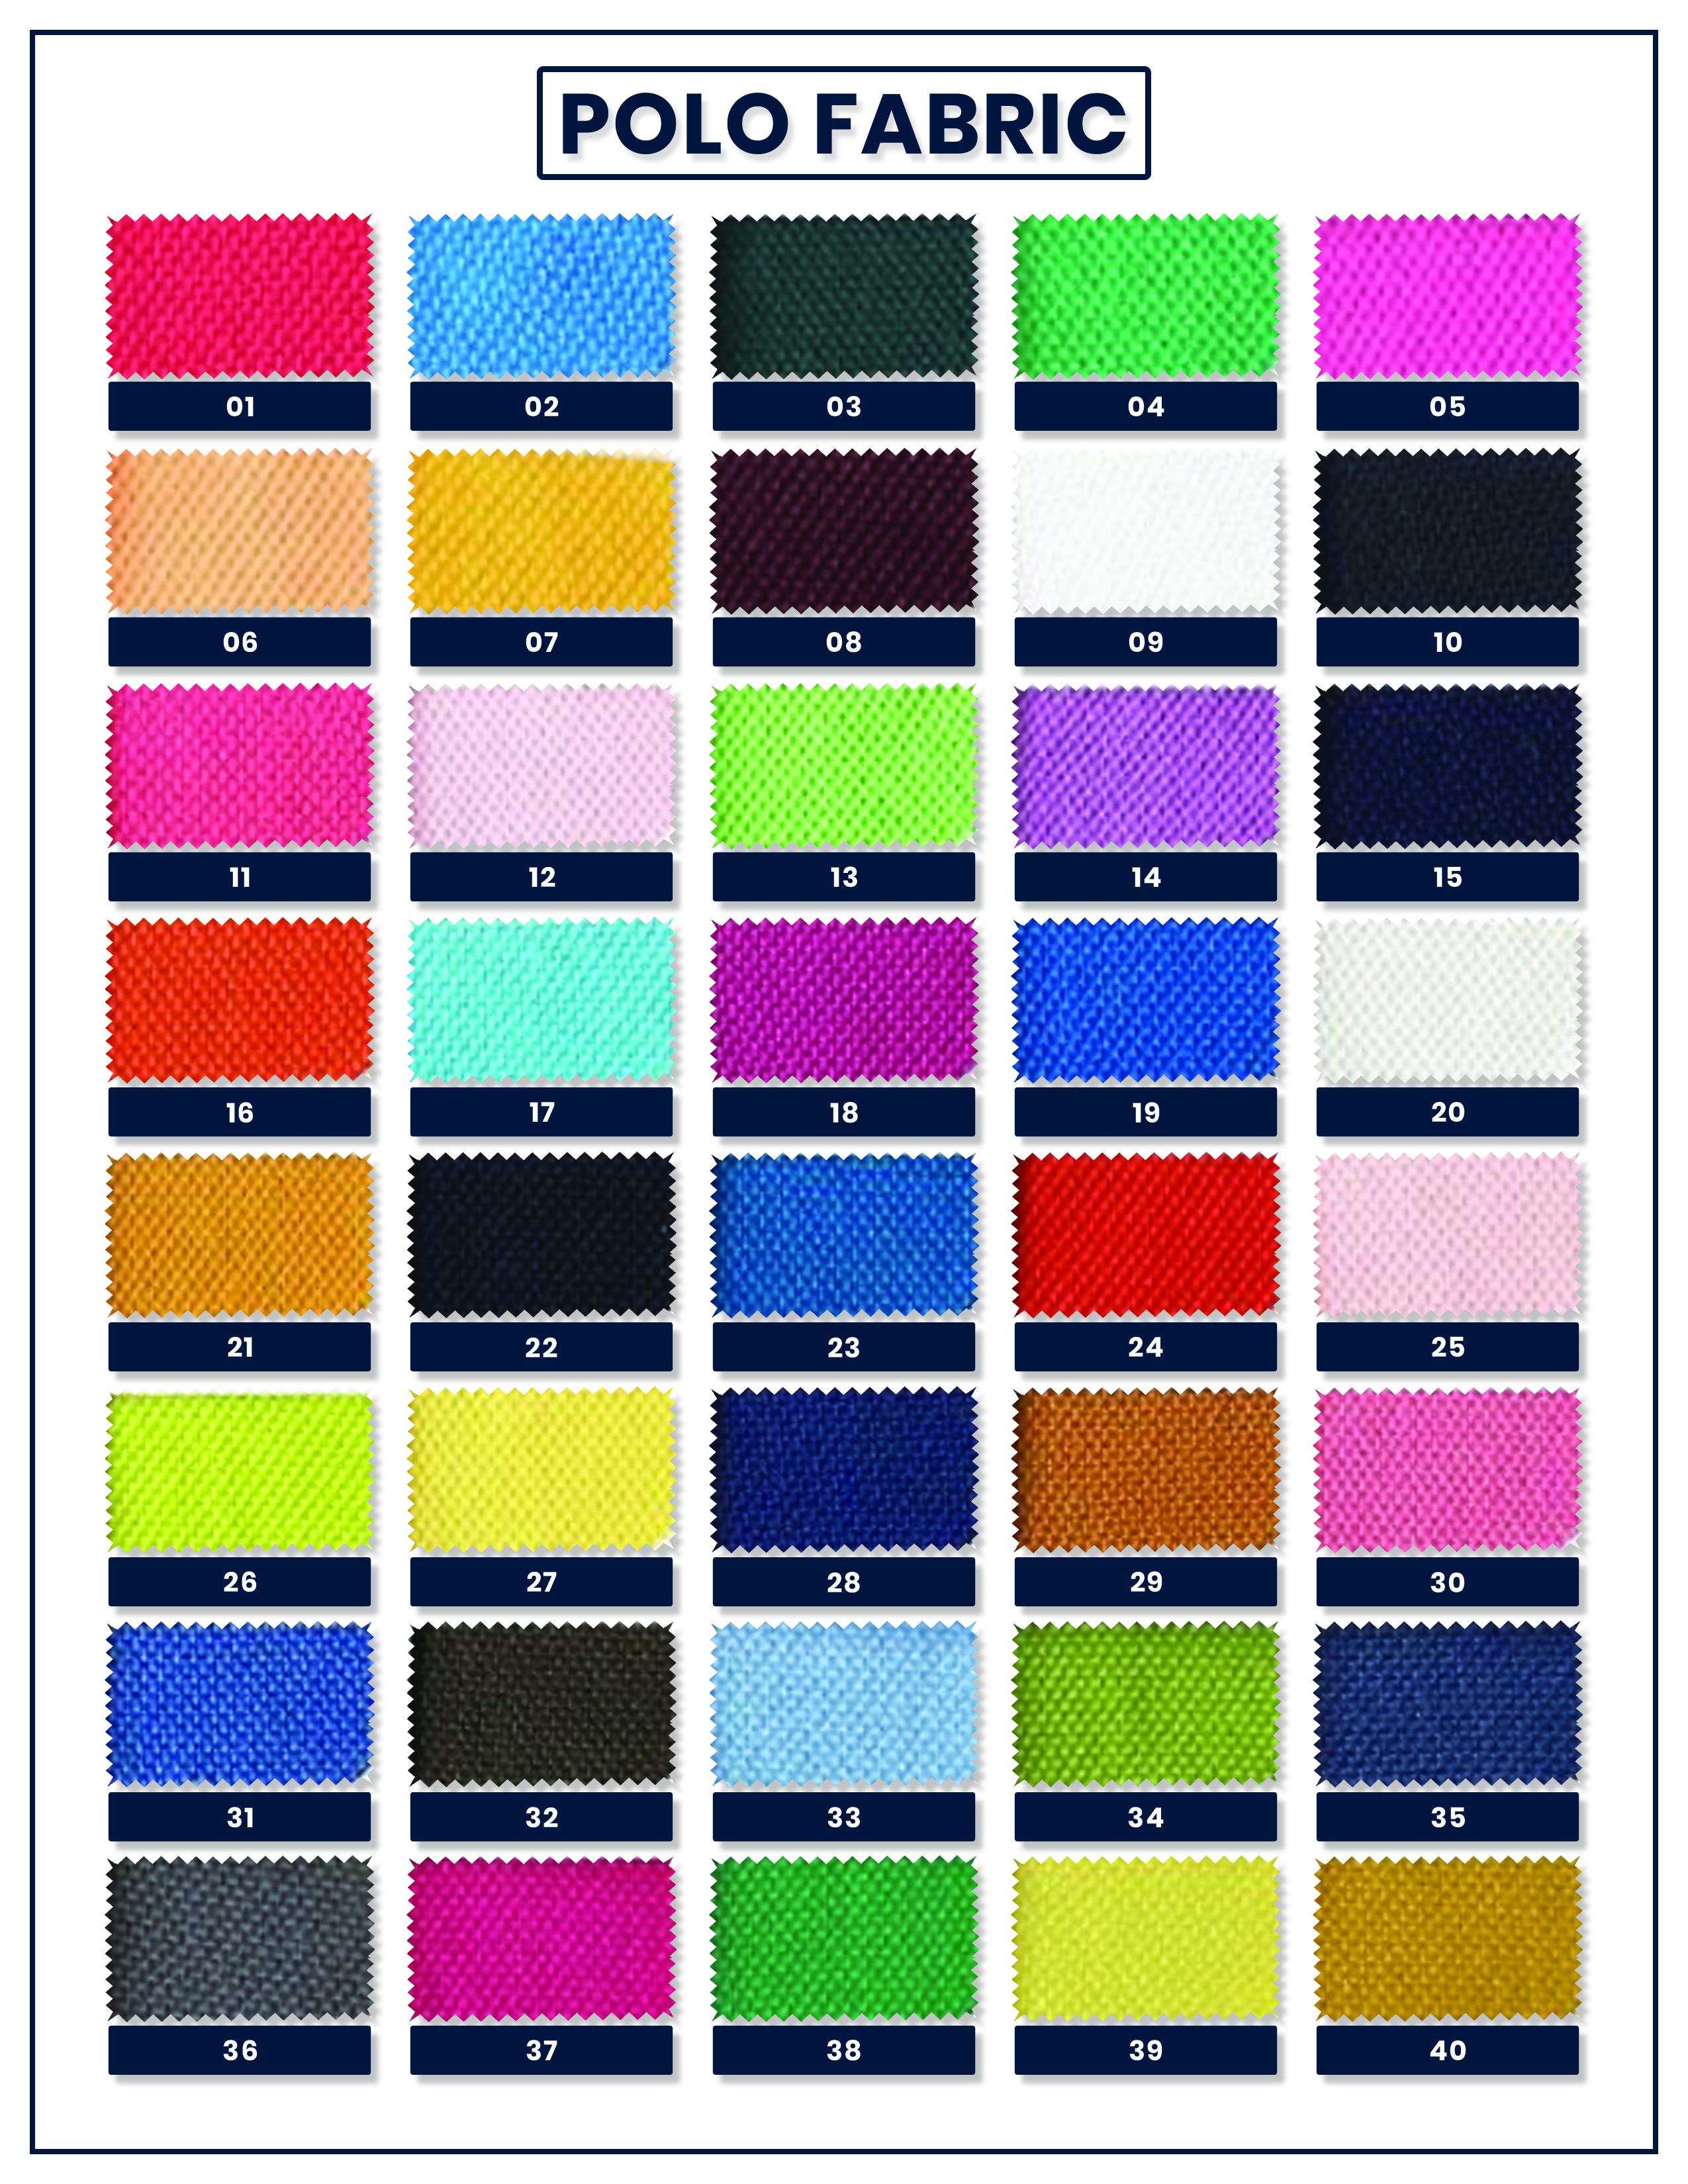 polo-fabric-cmyk-.jpg